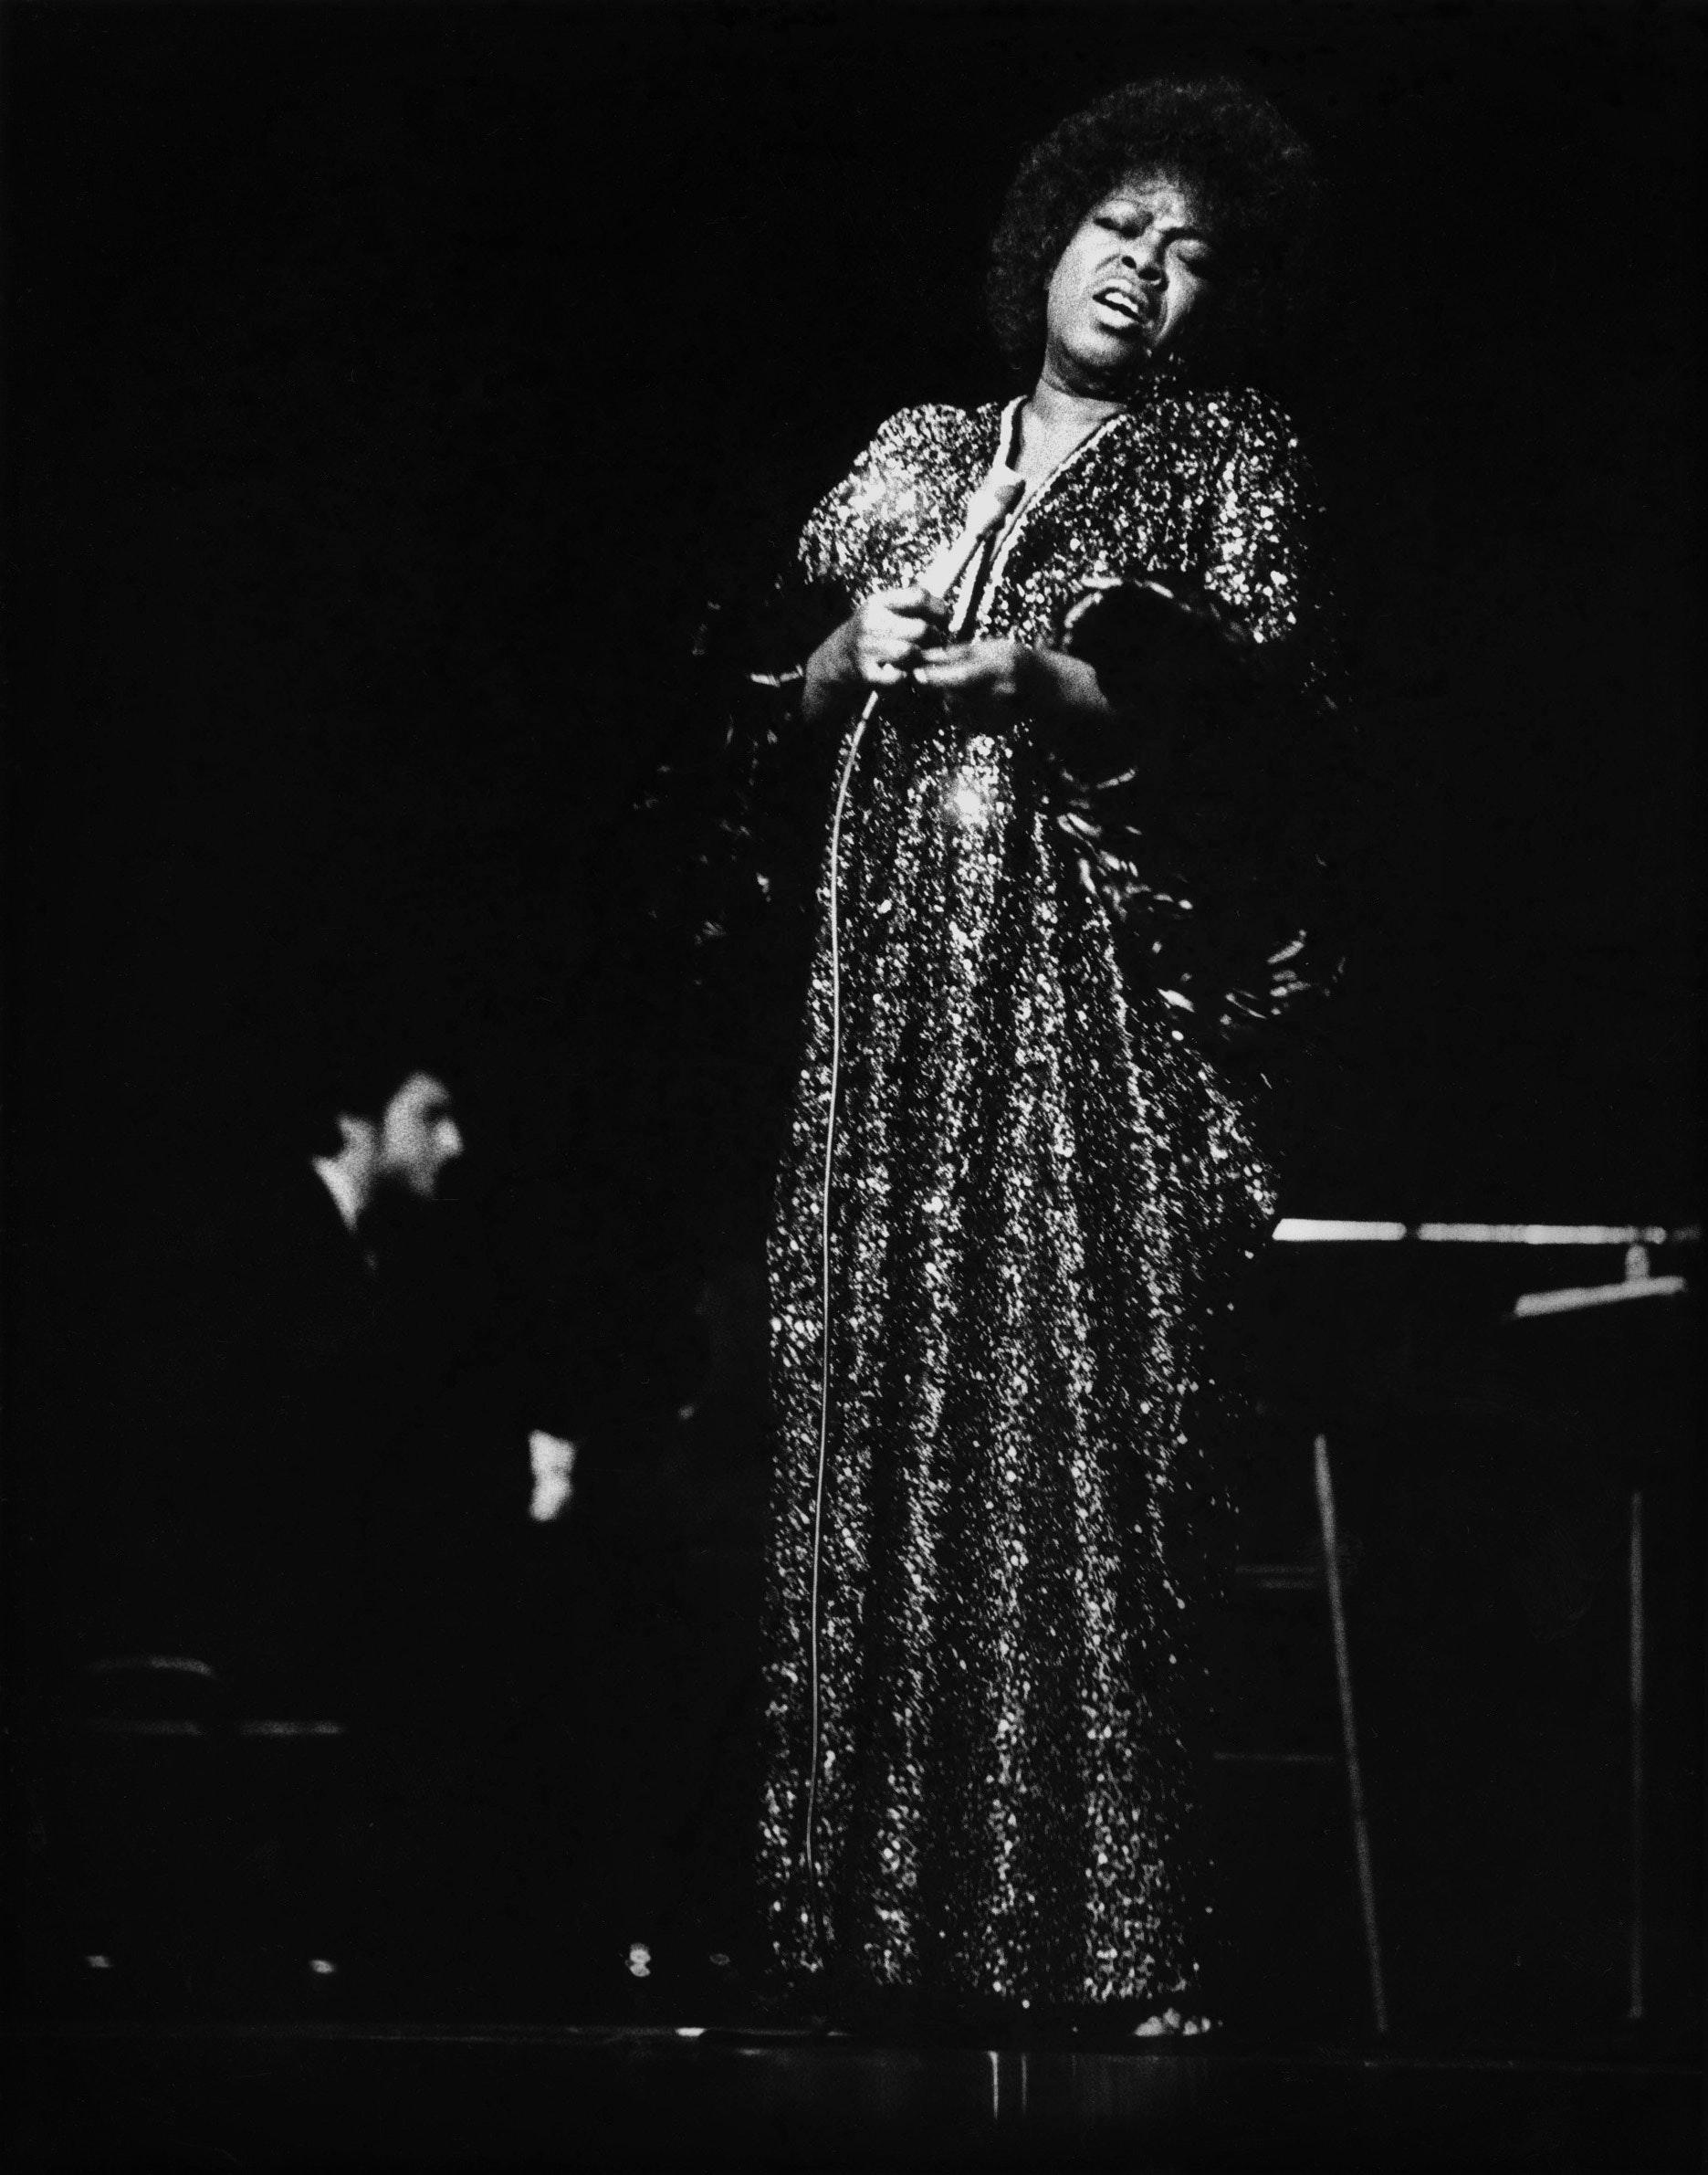 Sarah Vaughn performing on stage